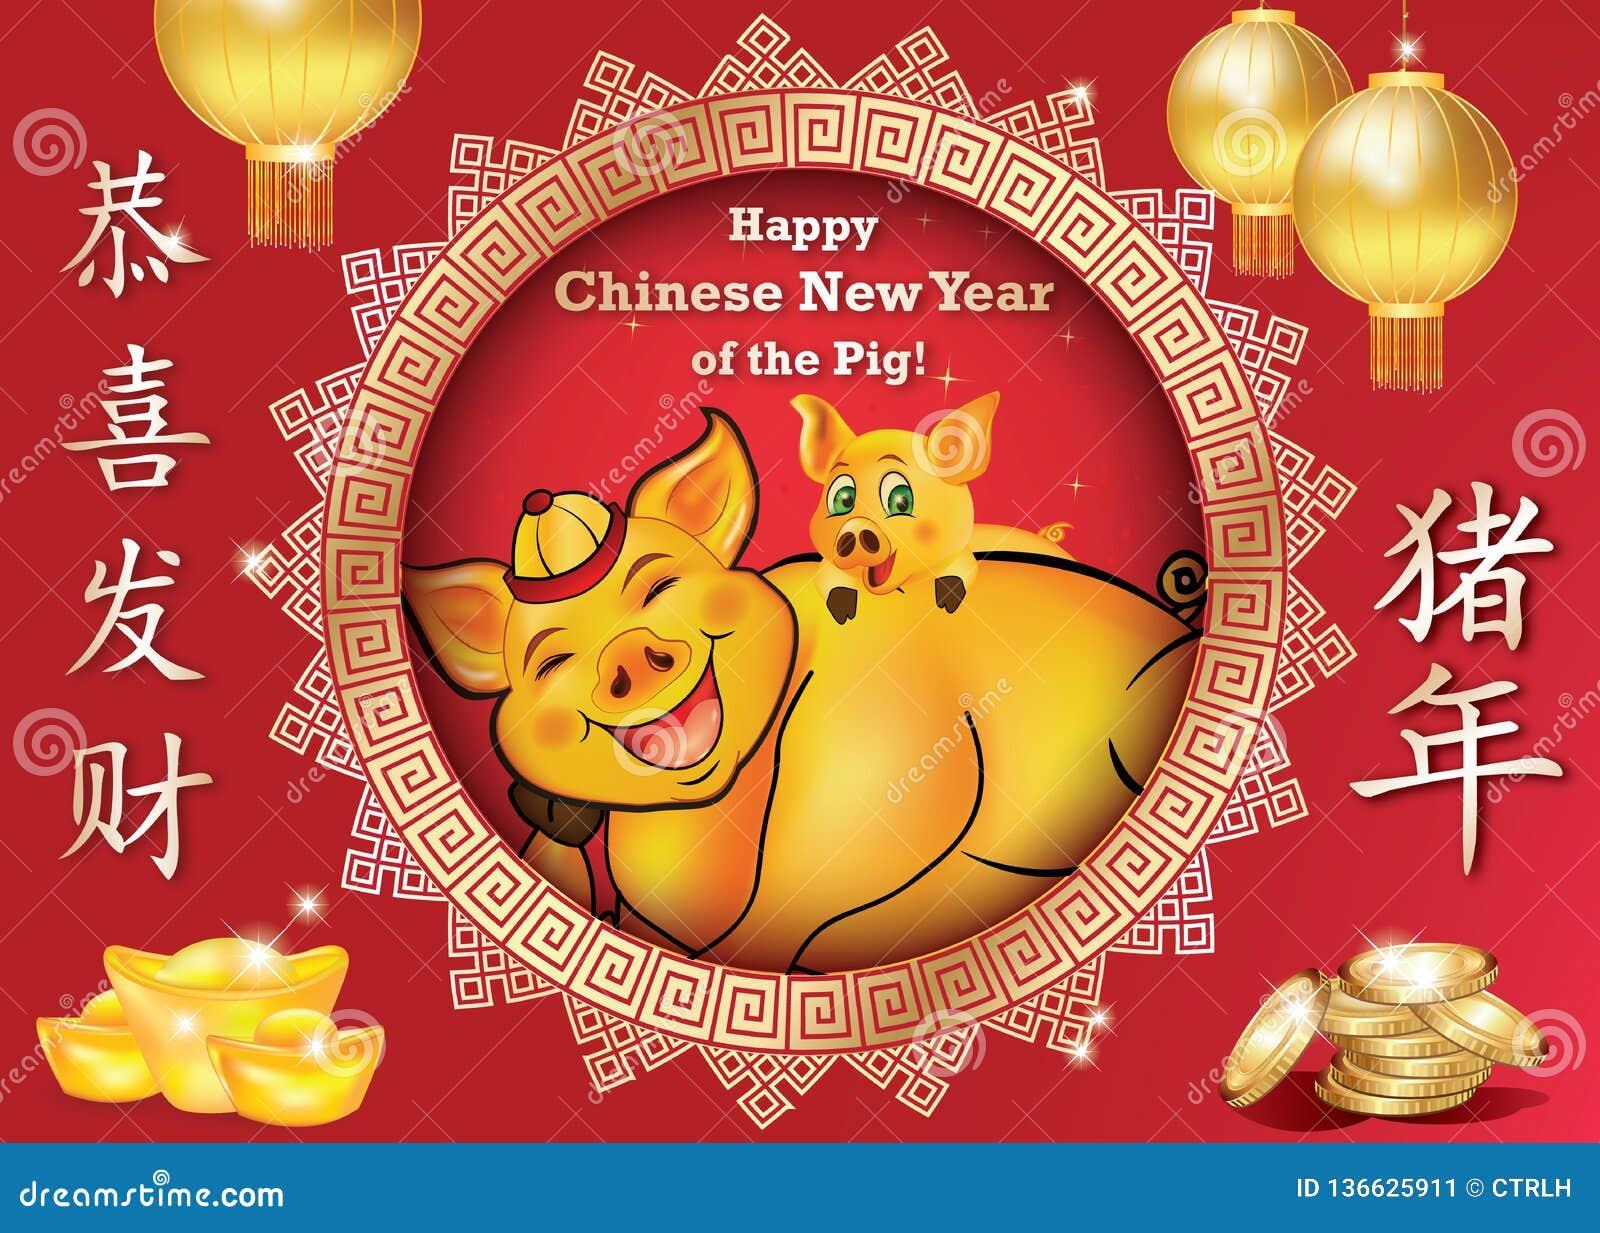 Gelukkig Chinees Nieuwjaar van het Varken 2019 - groetkaart met traditionele rode achtergrond